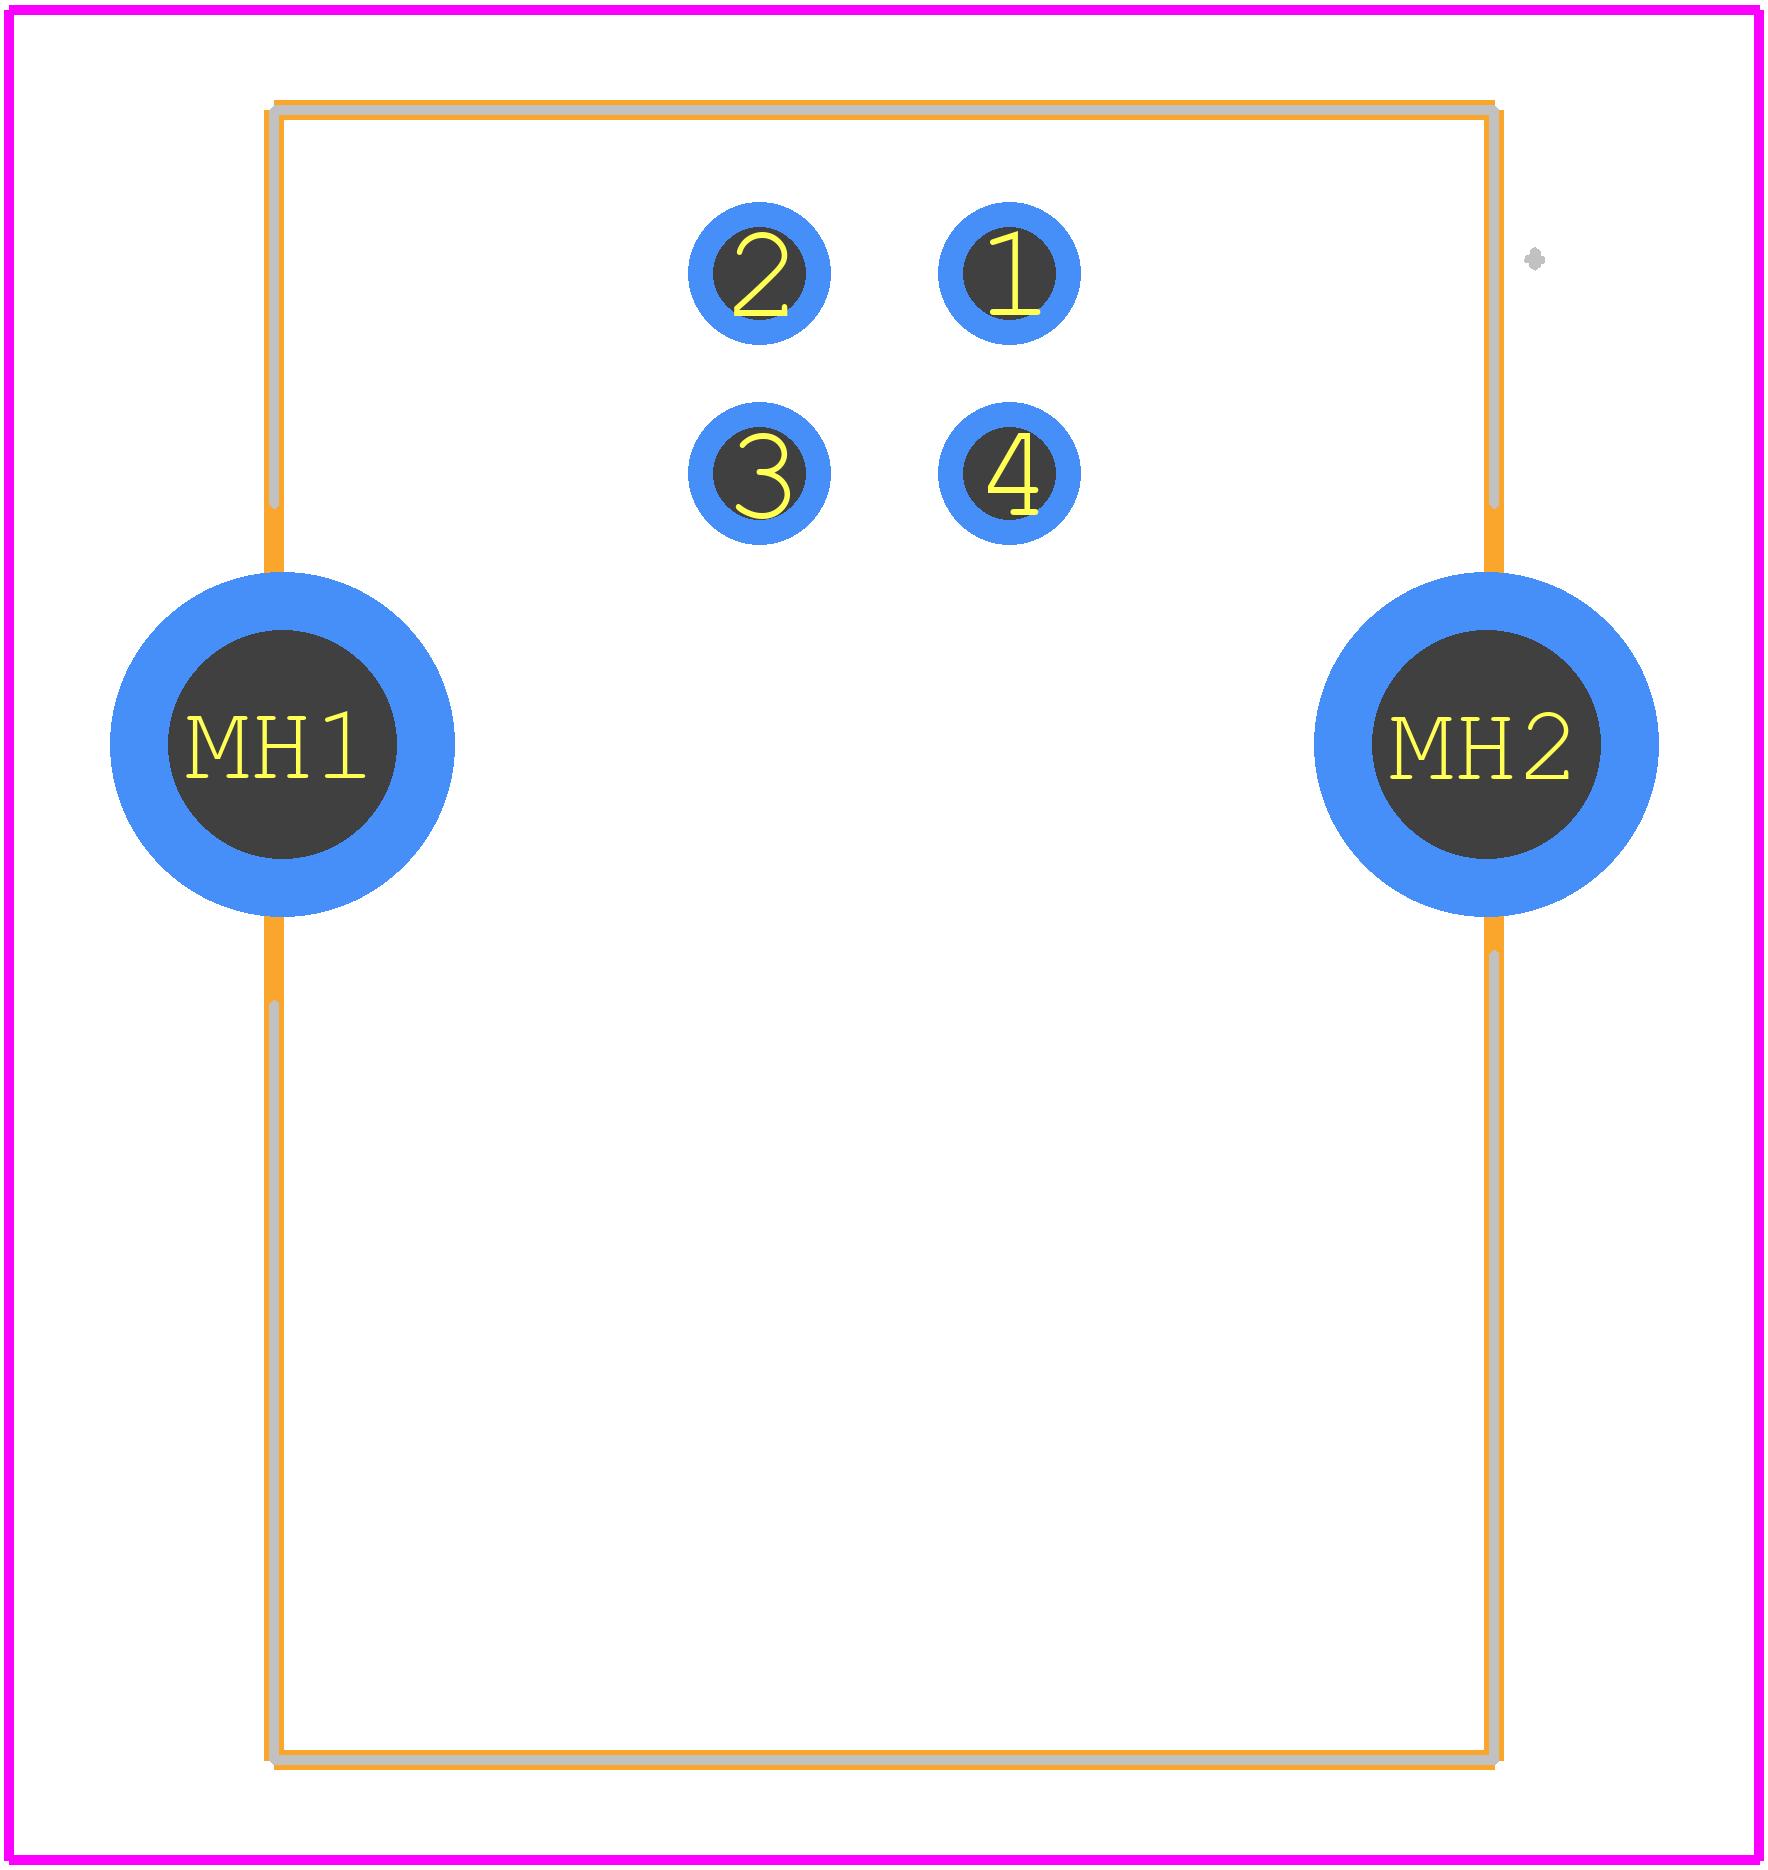 UJ2-BH-1-TH - CUI PCB footprint - Other - UJ2-BH-1-TH